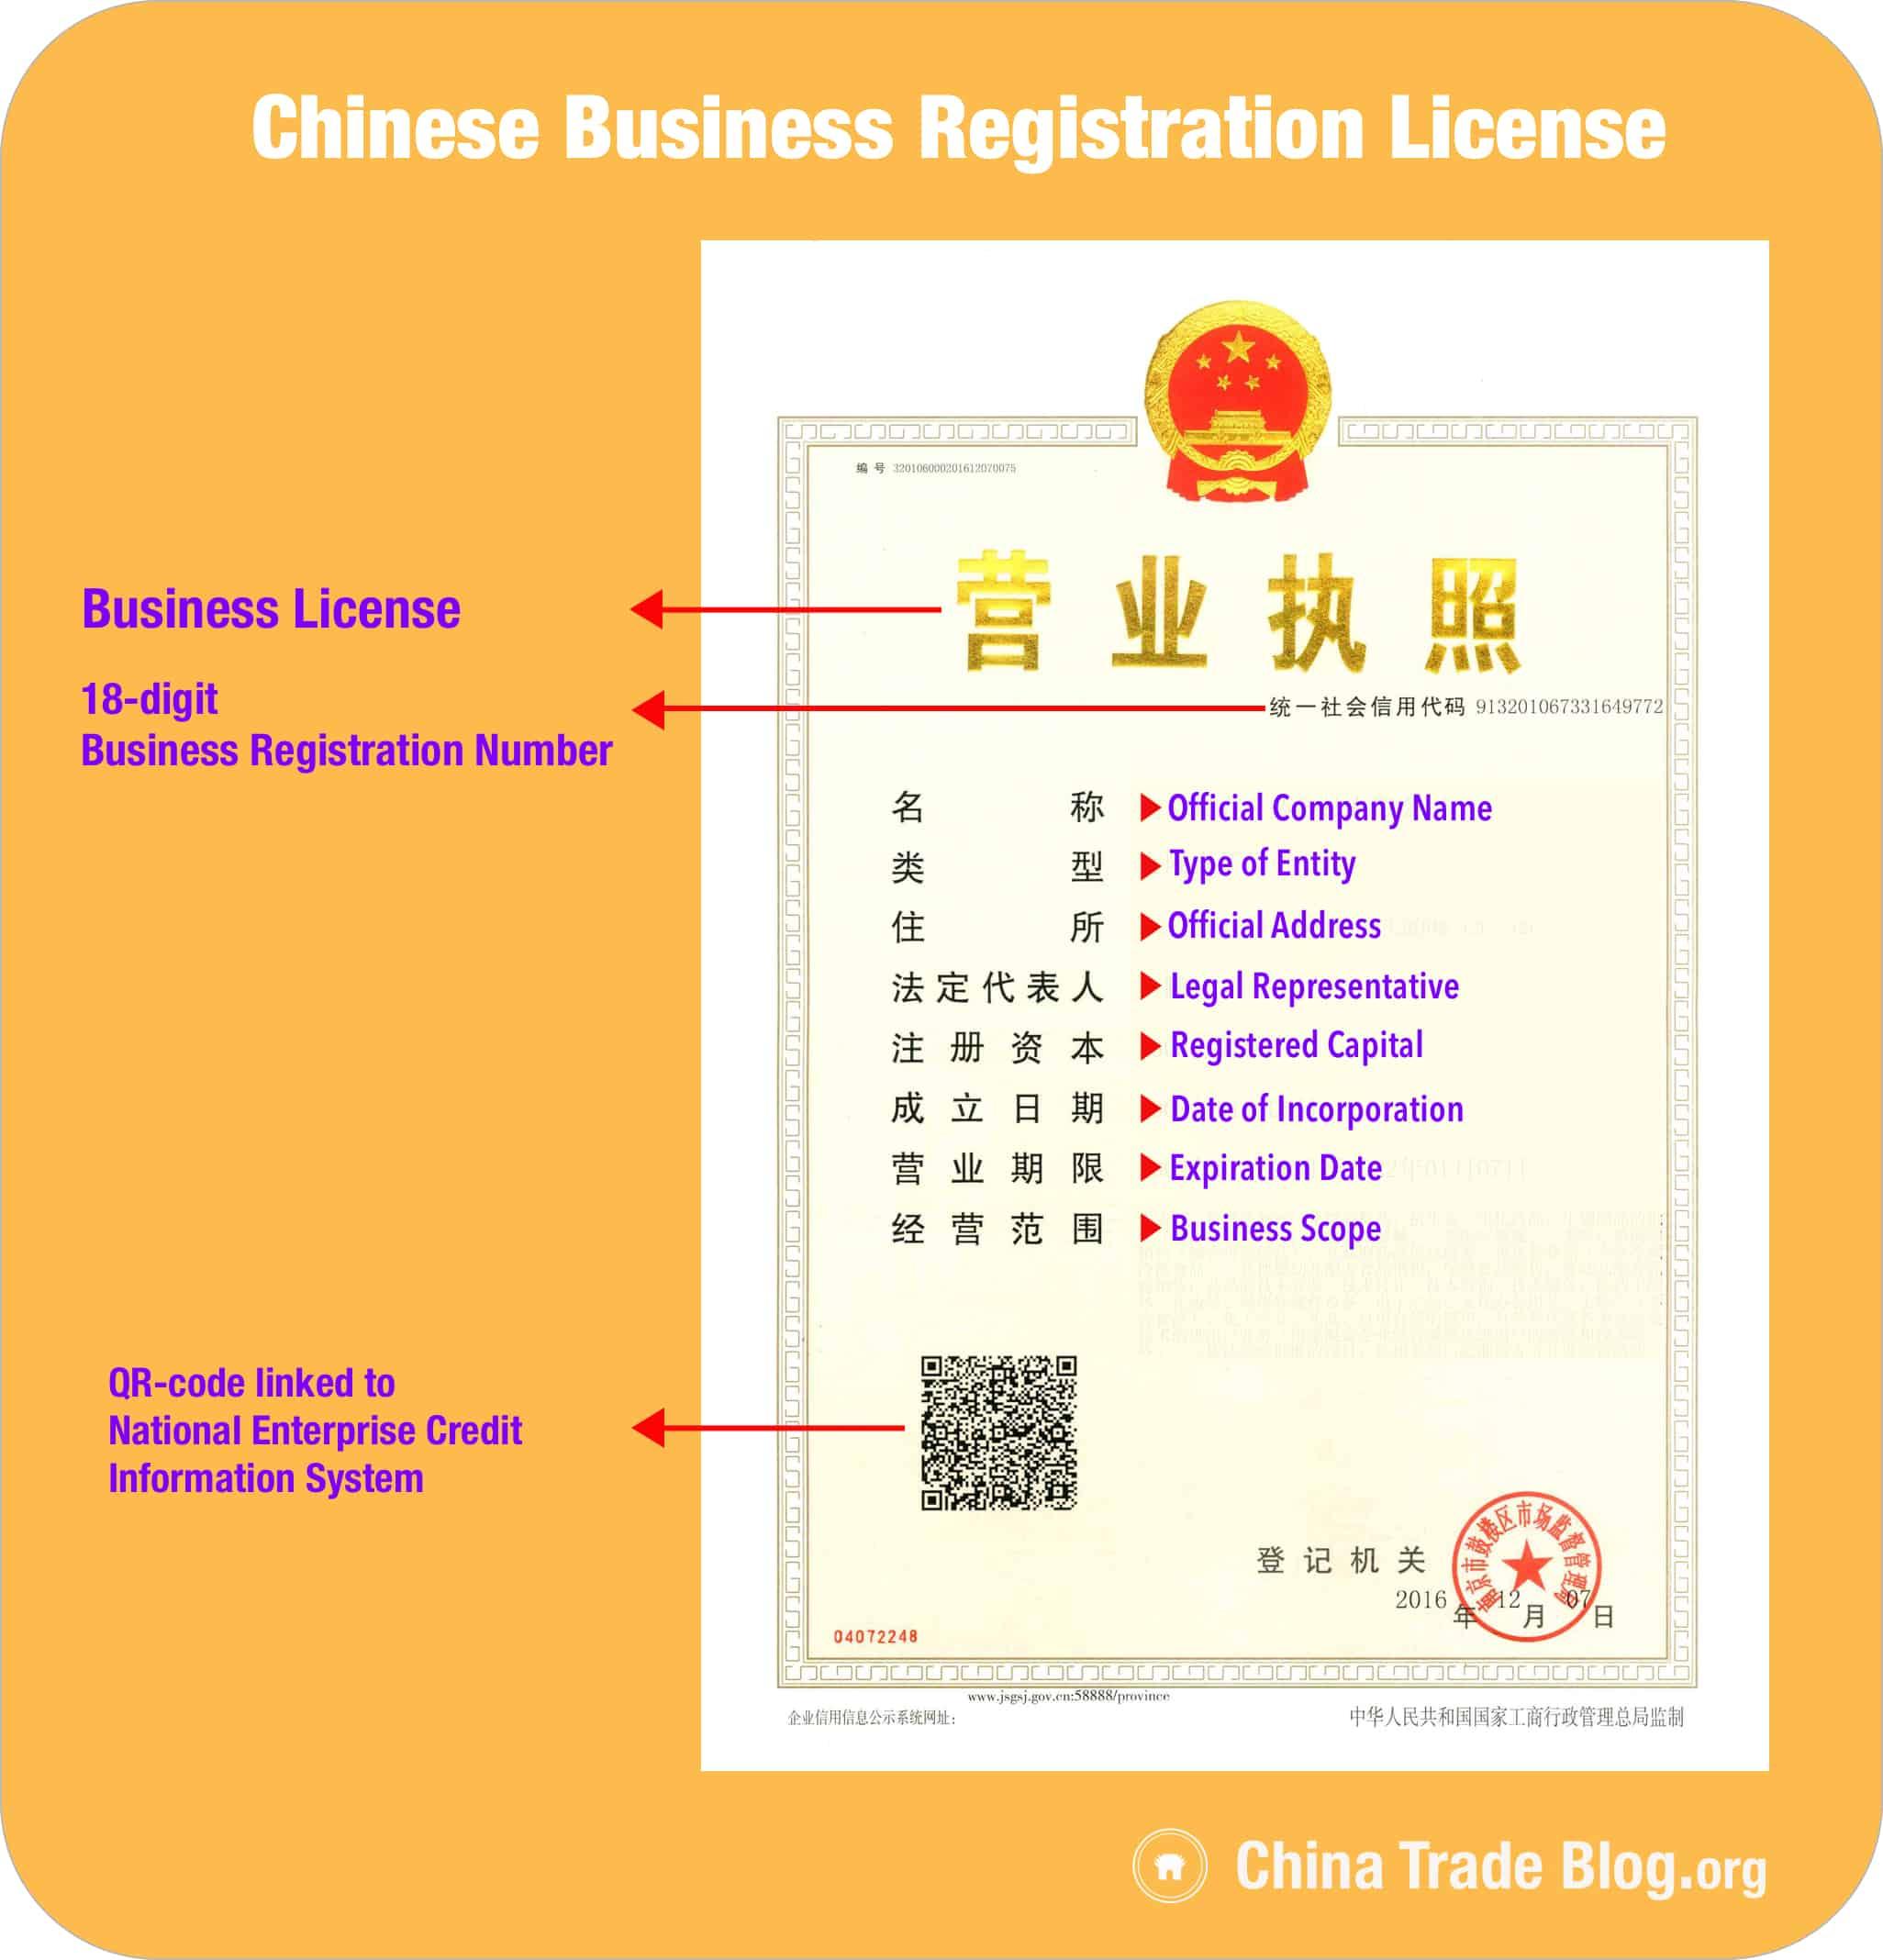 China Business License - [English Version] | China Trade Blog